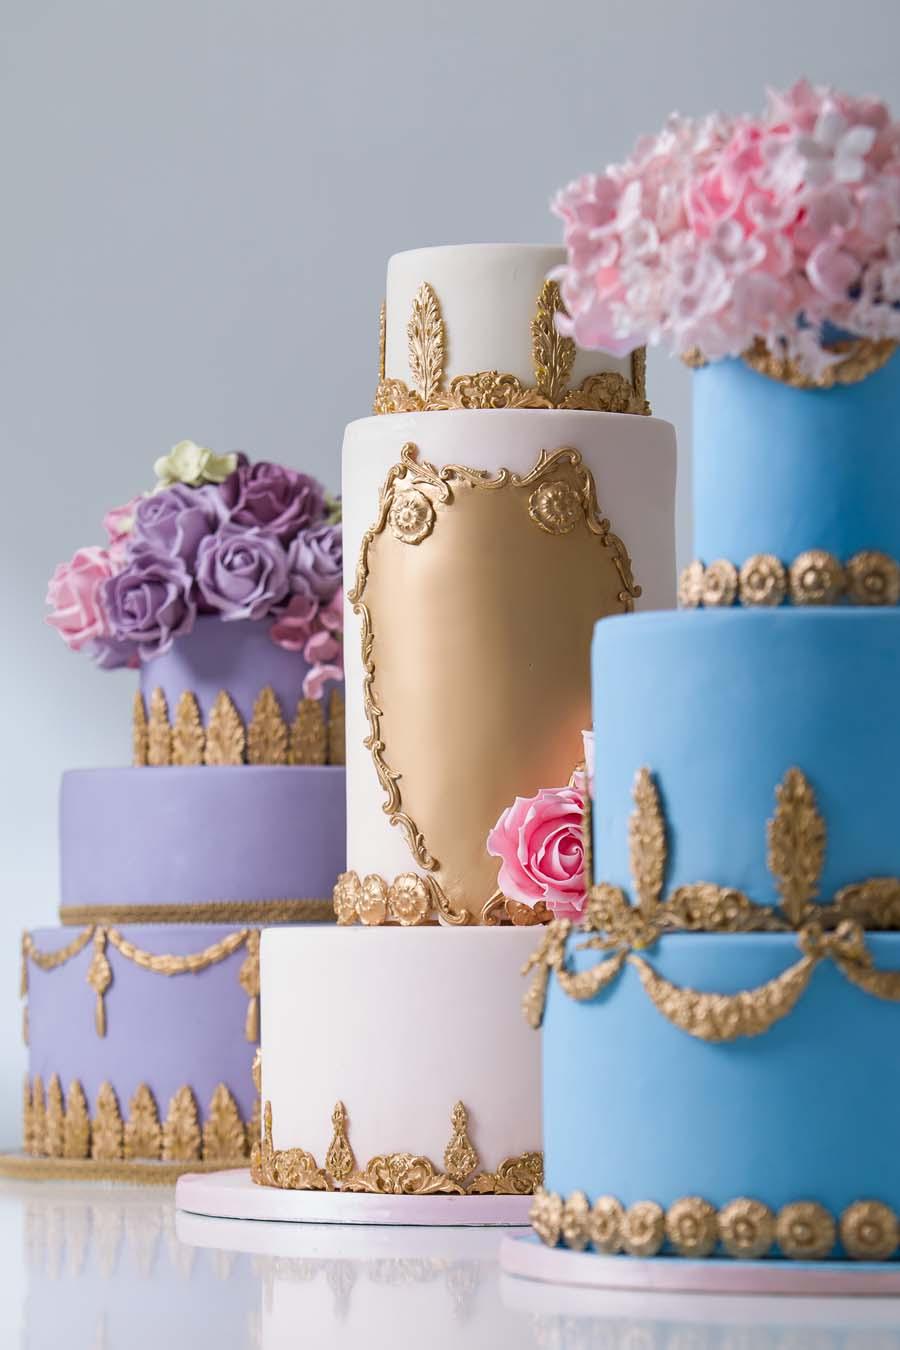 elizabeth's cake emporium03